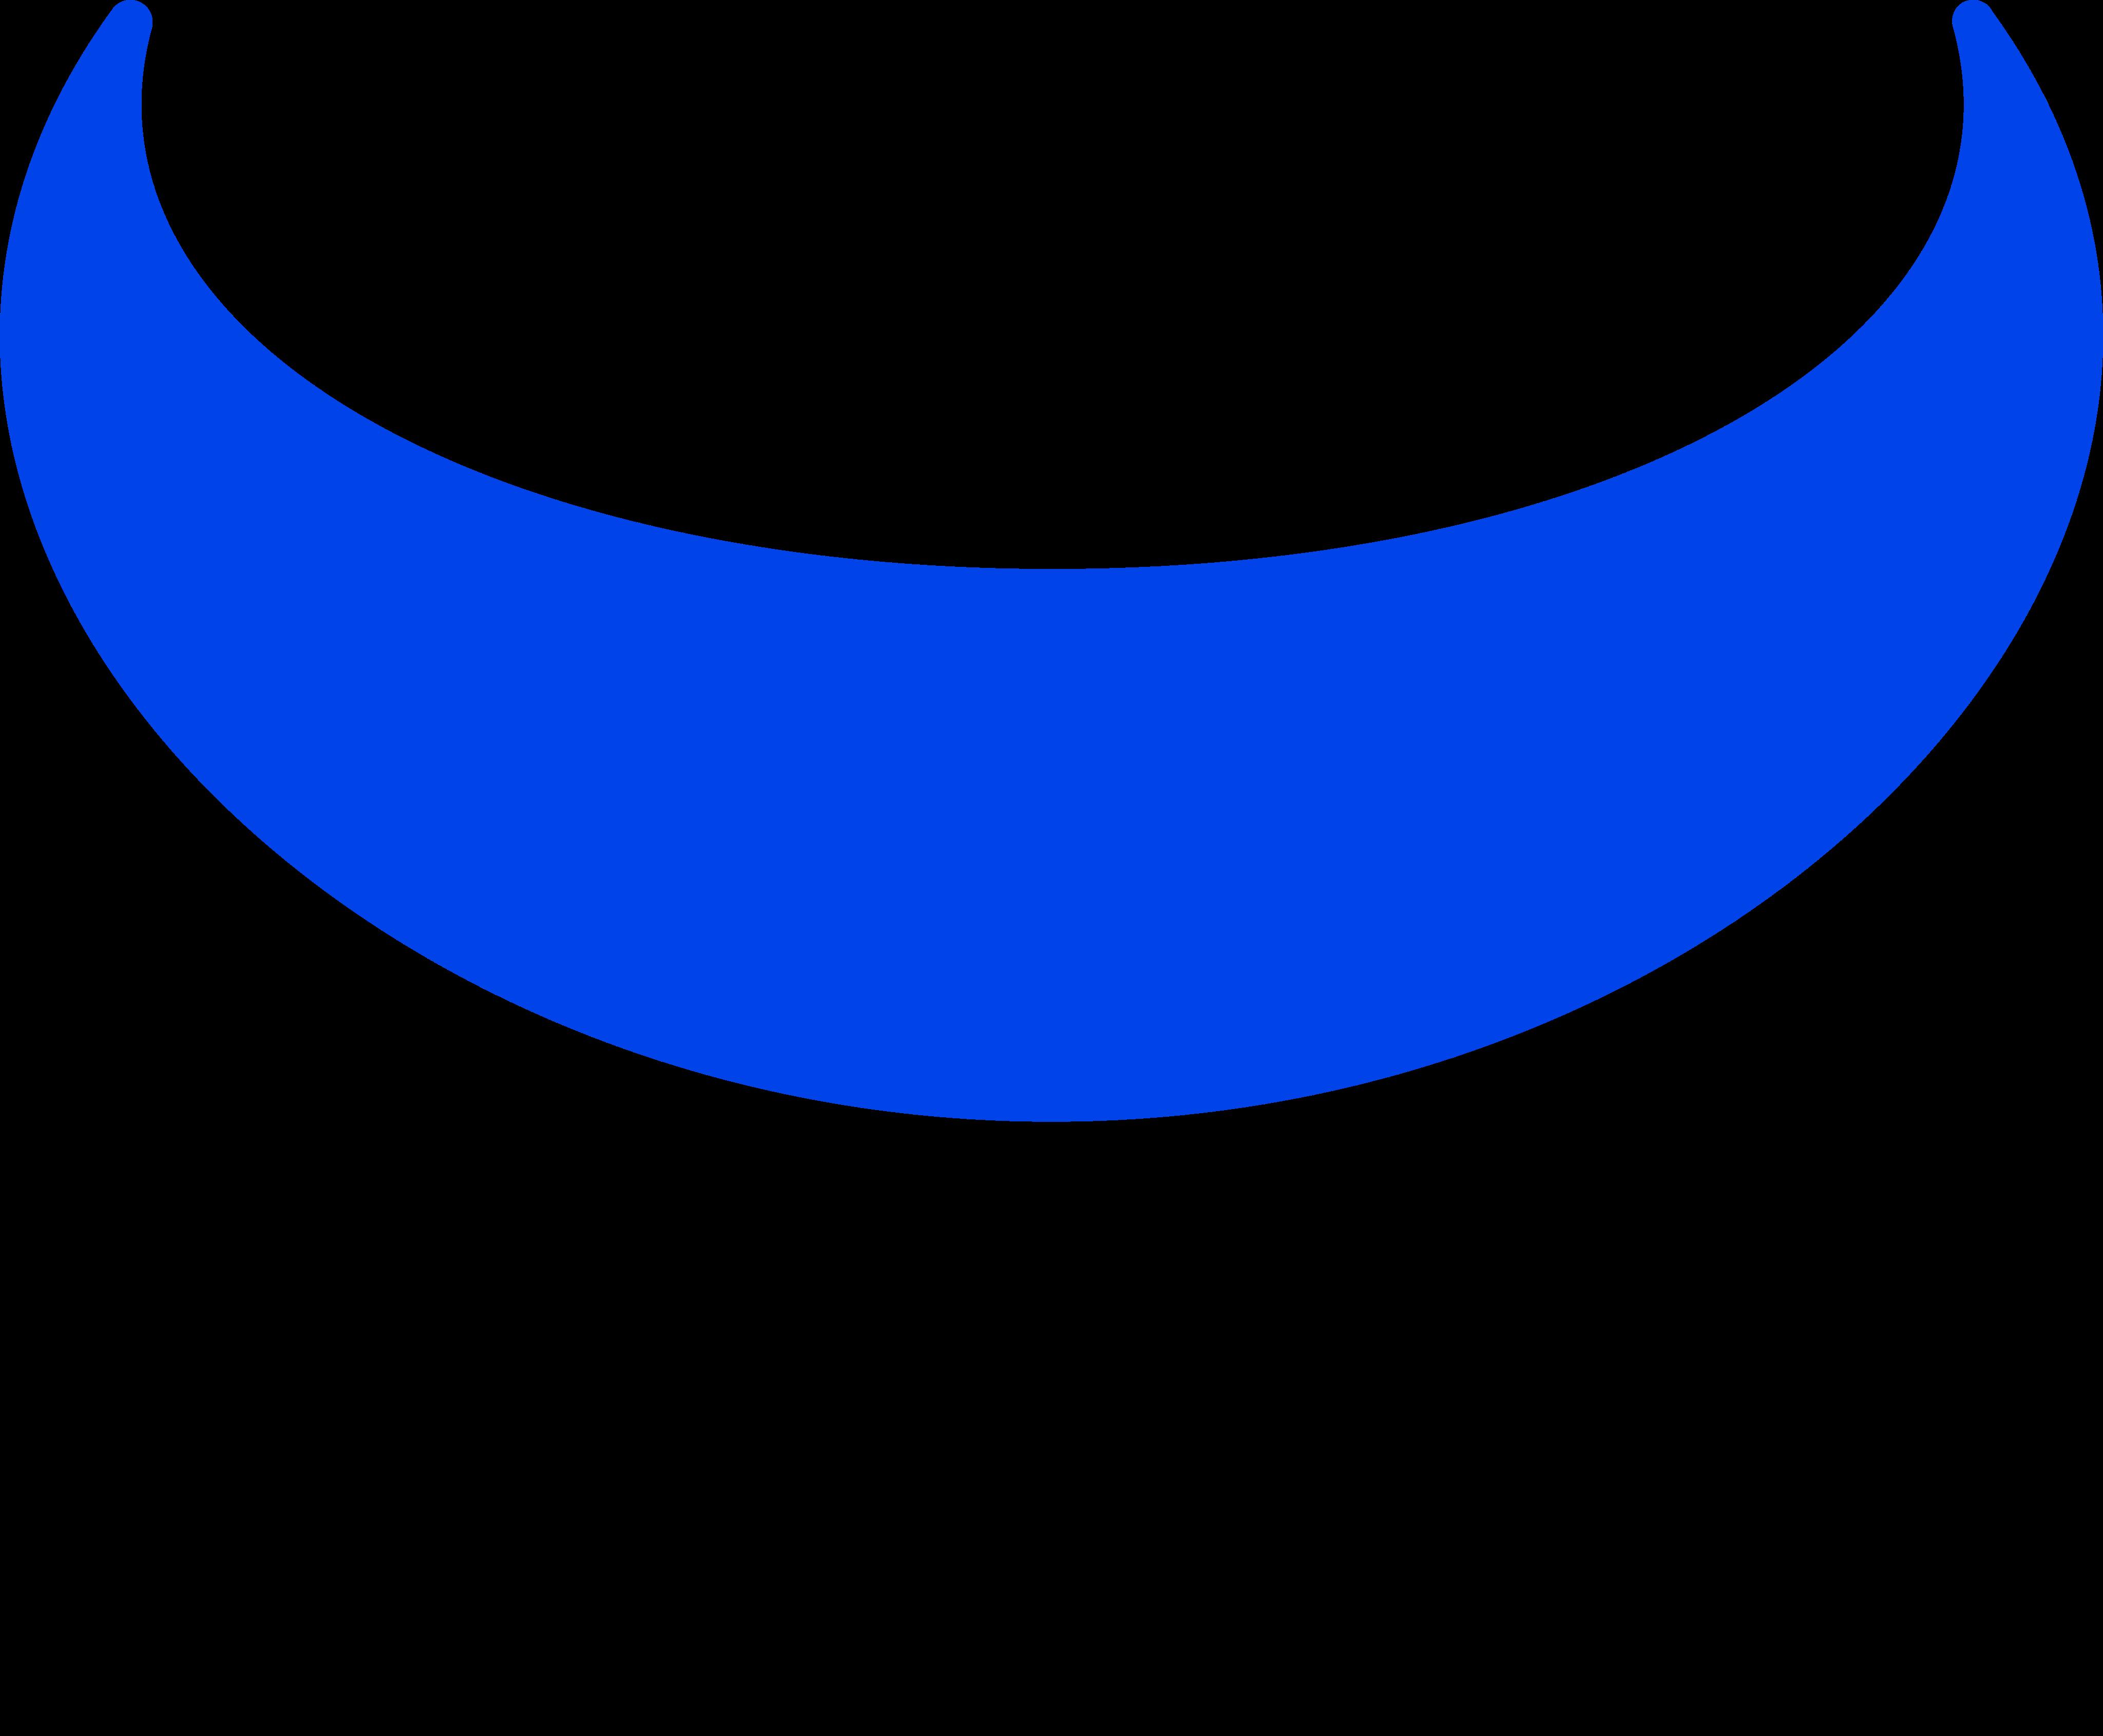 webull logo 1 - Webull Logo